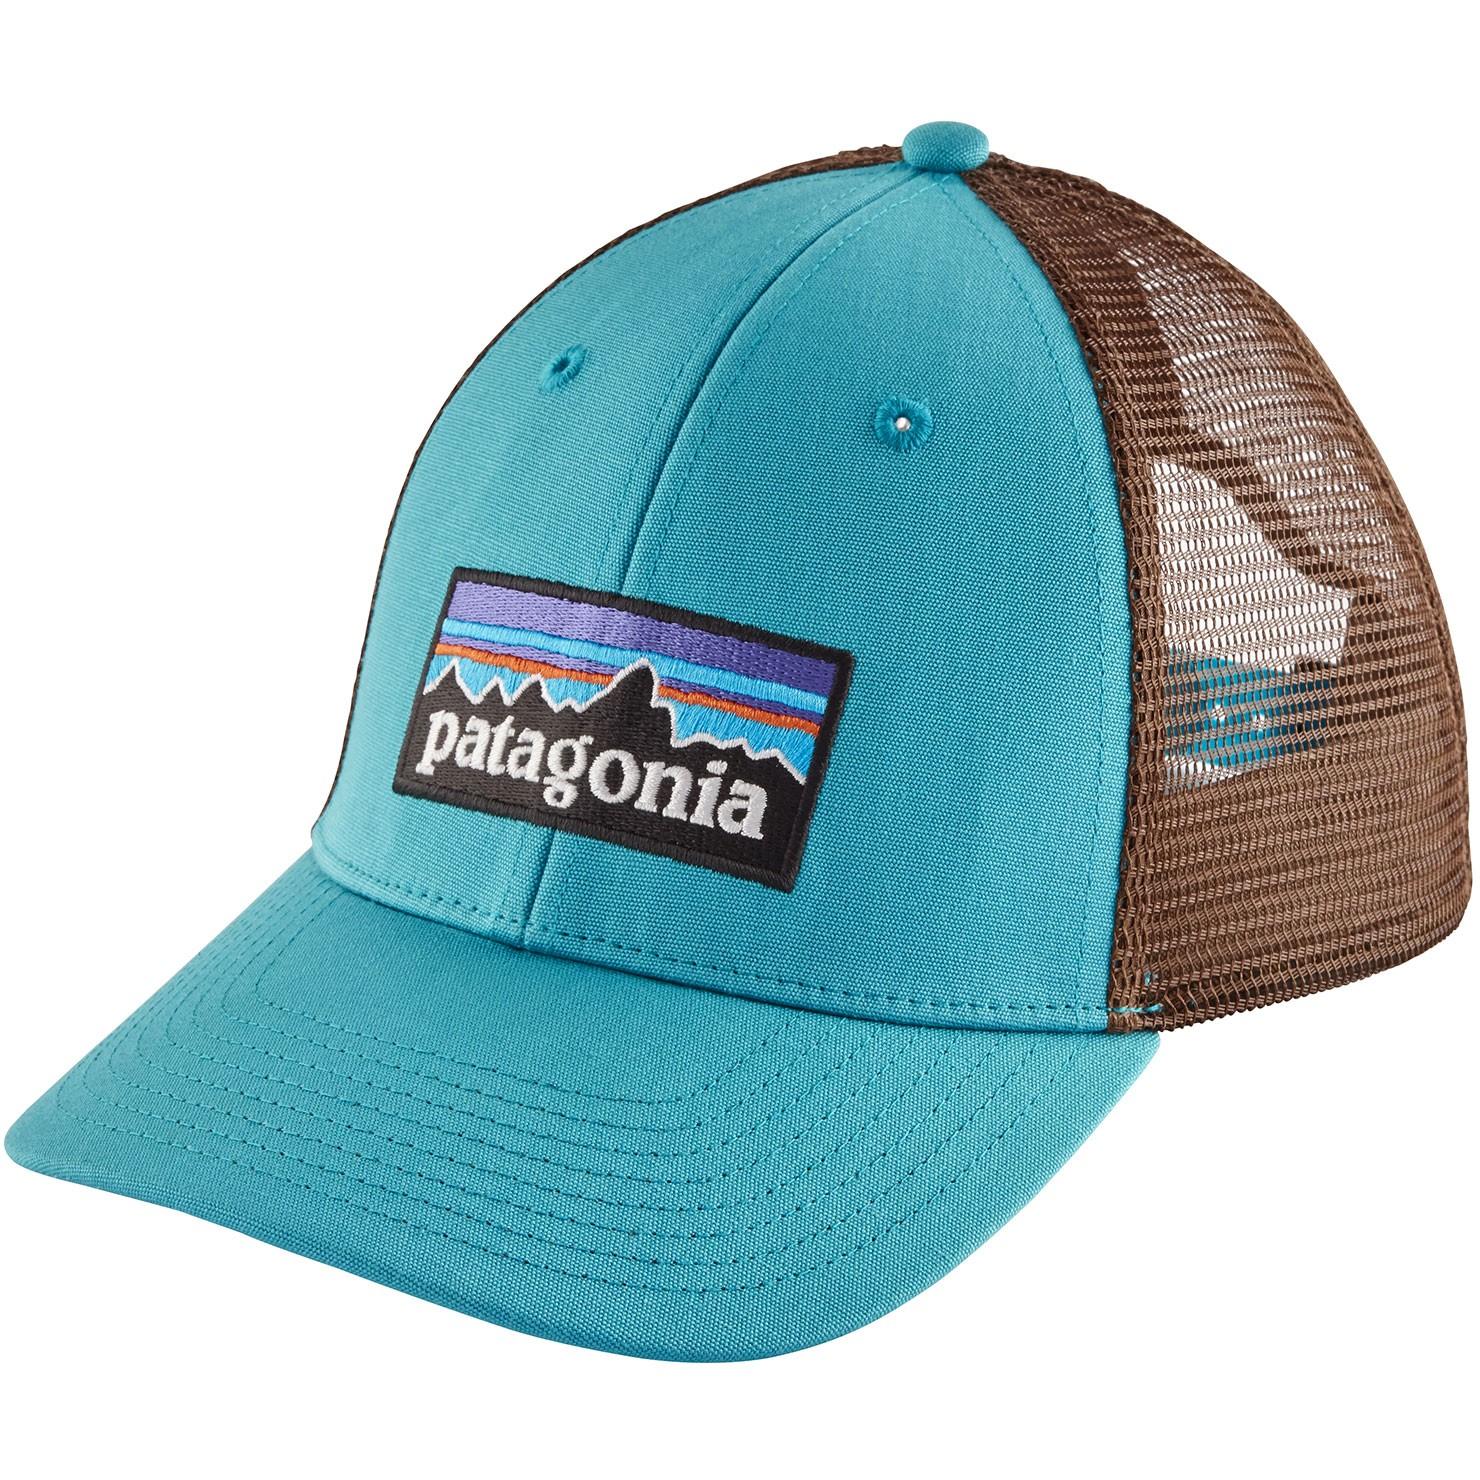 Patagonia P-6 Logo LoPro Trucker Hat - Mako Blue